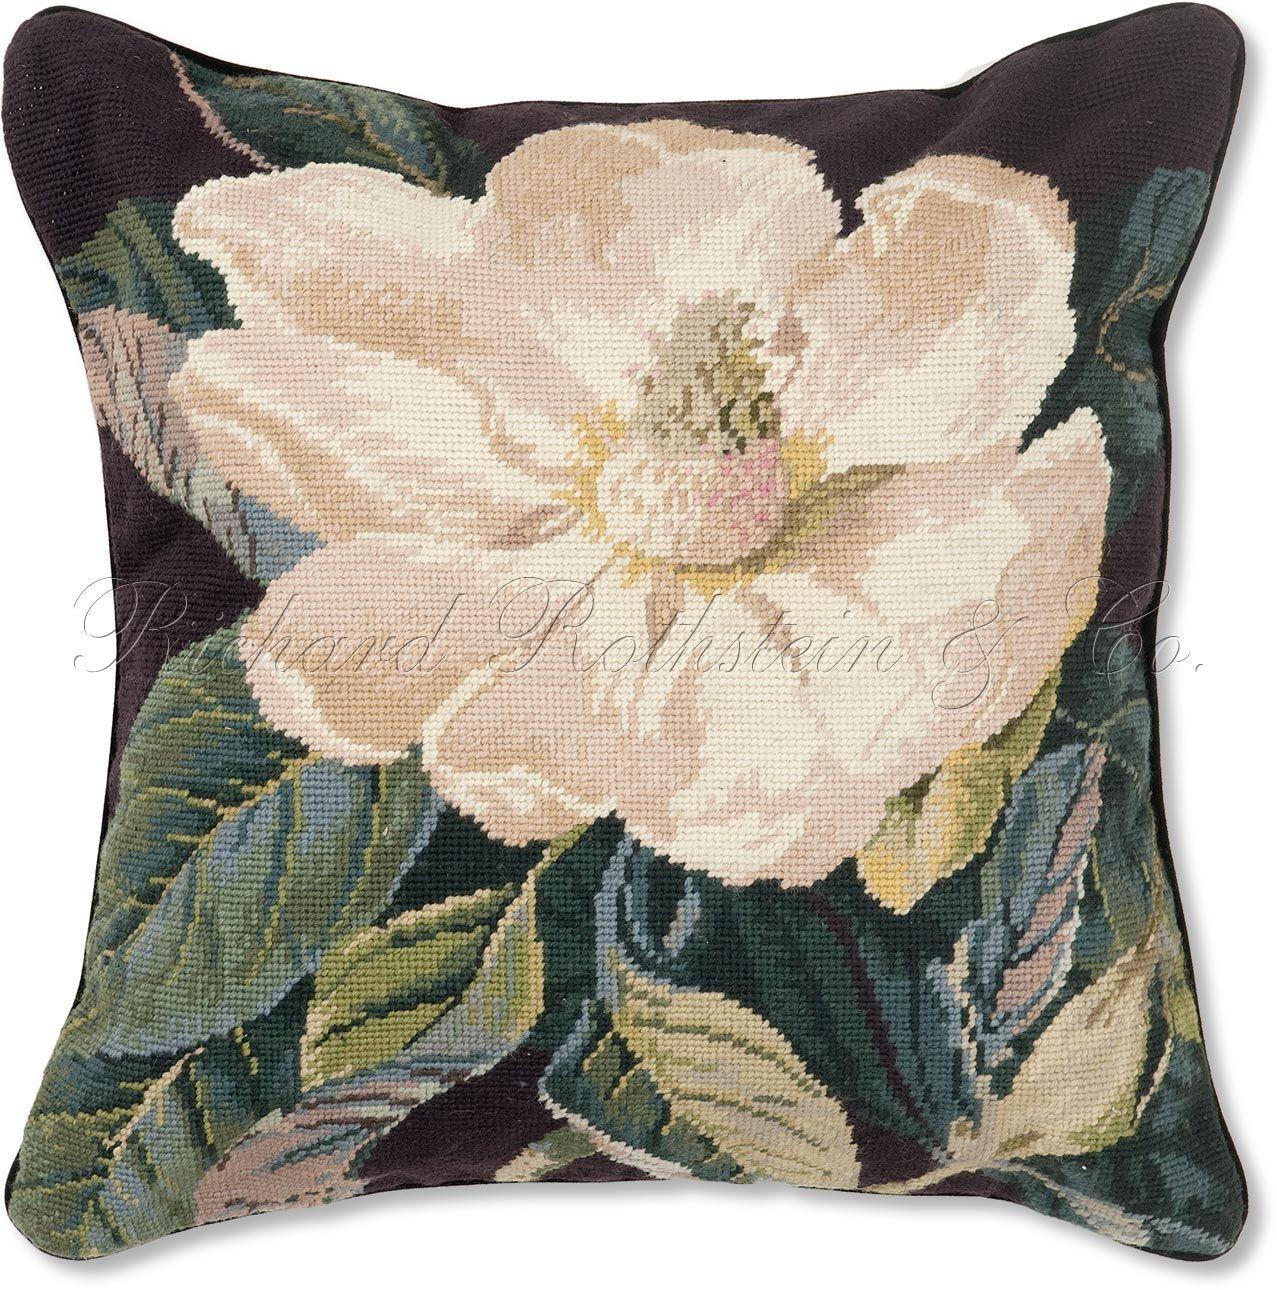 Magnolia Needlepoint Pillow Southern Magnolia Needlepoint Pillow